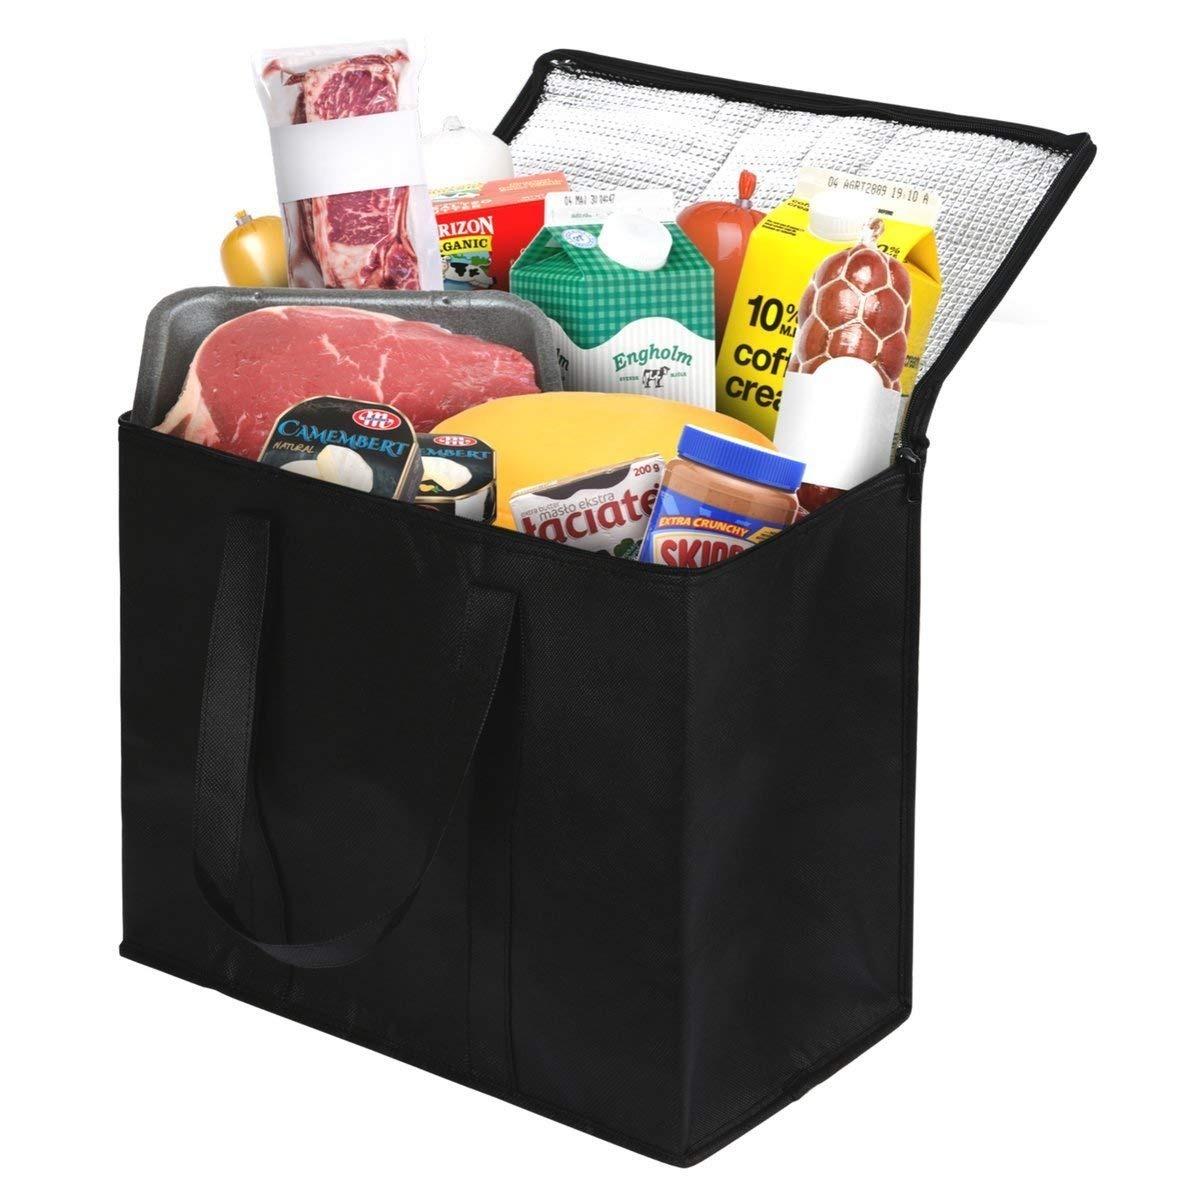 9810b5ecf 2 bolsas de supermercado reutilizables para frios y caliente. Cargando zoom.